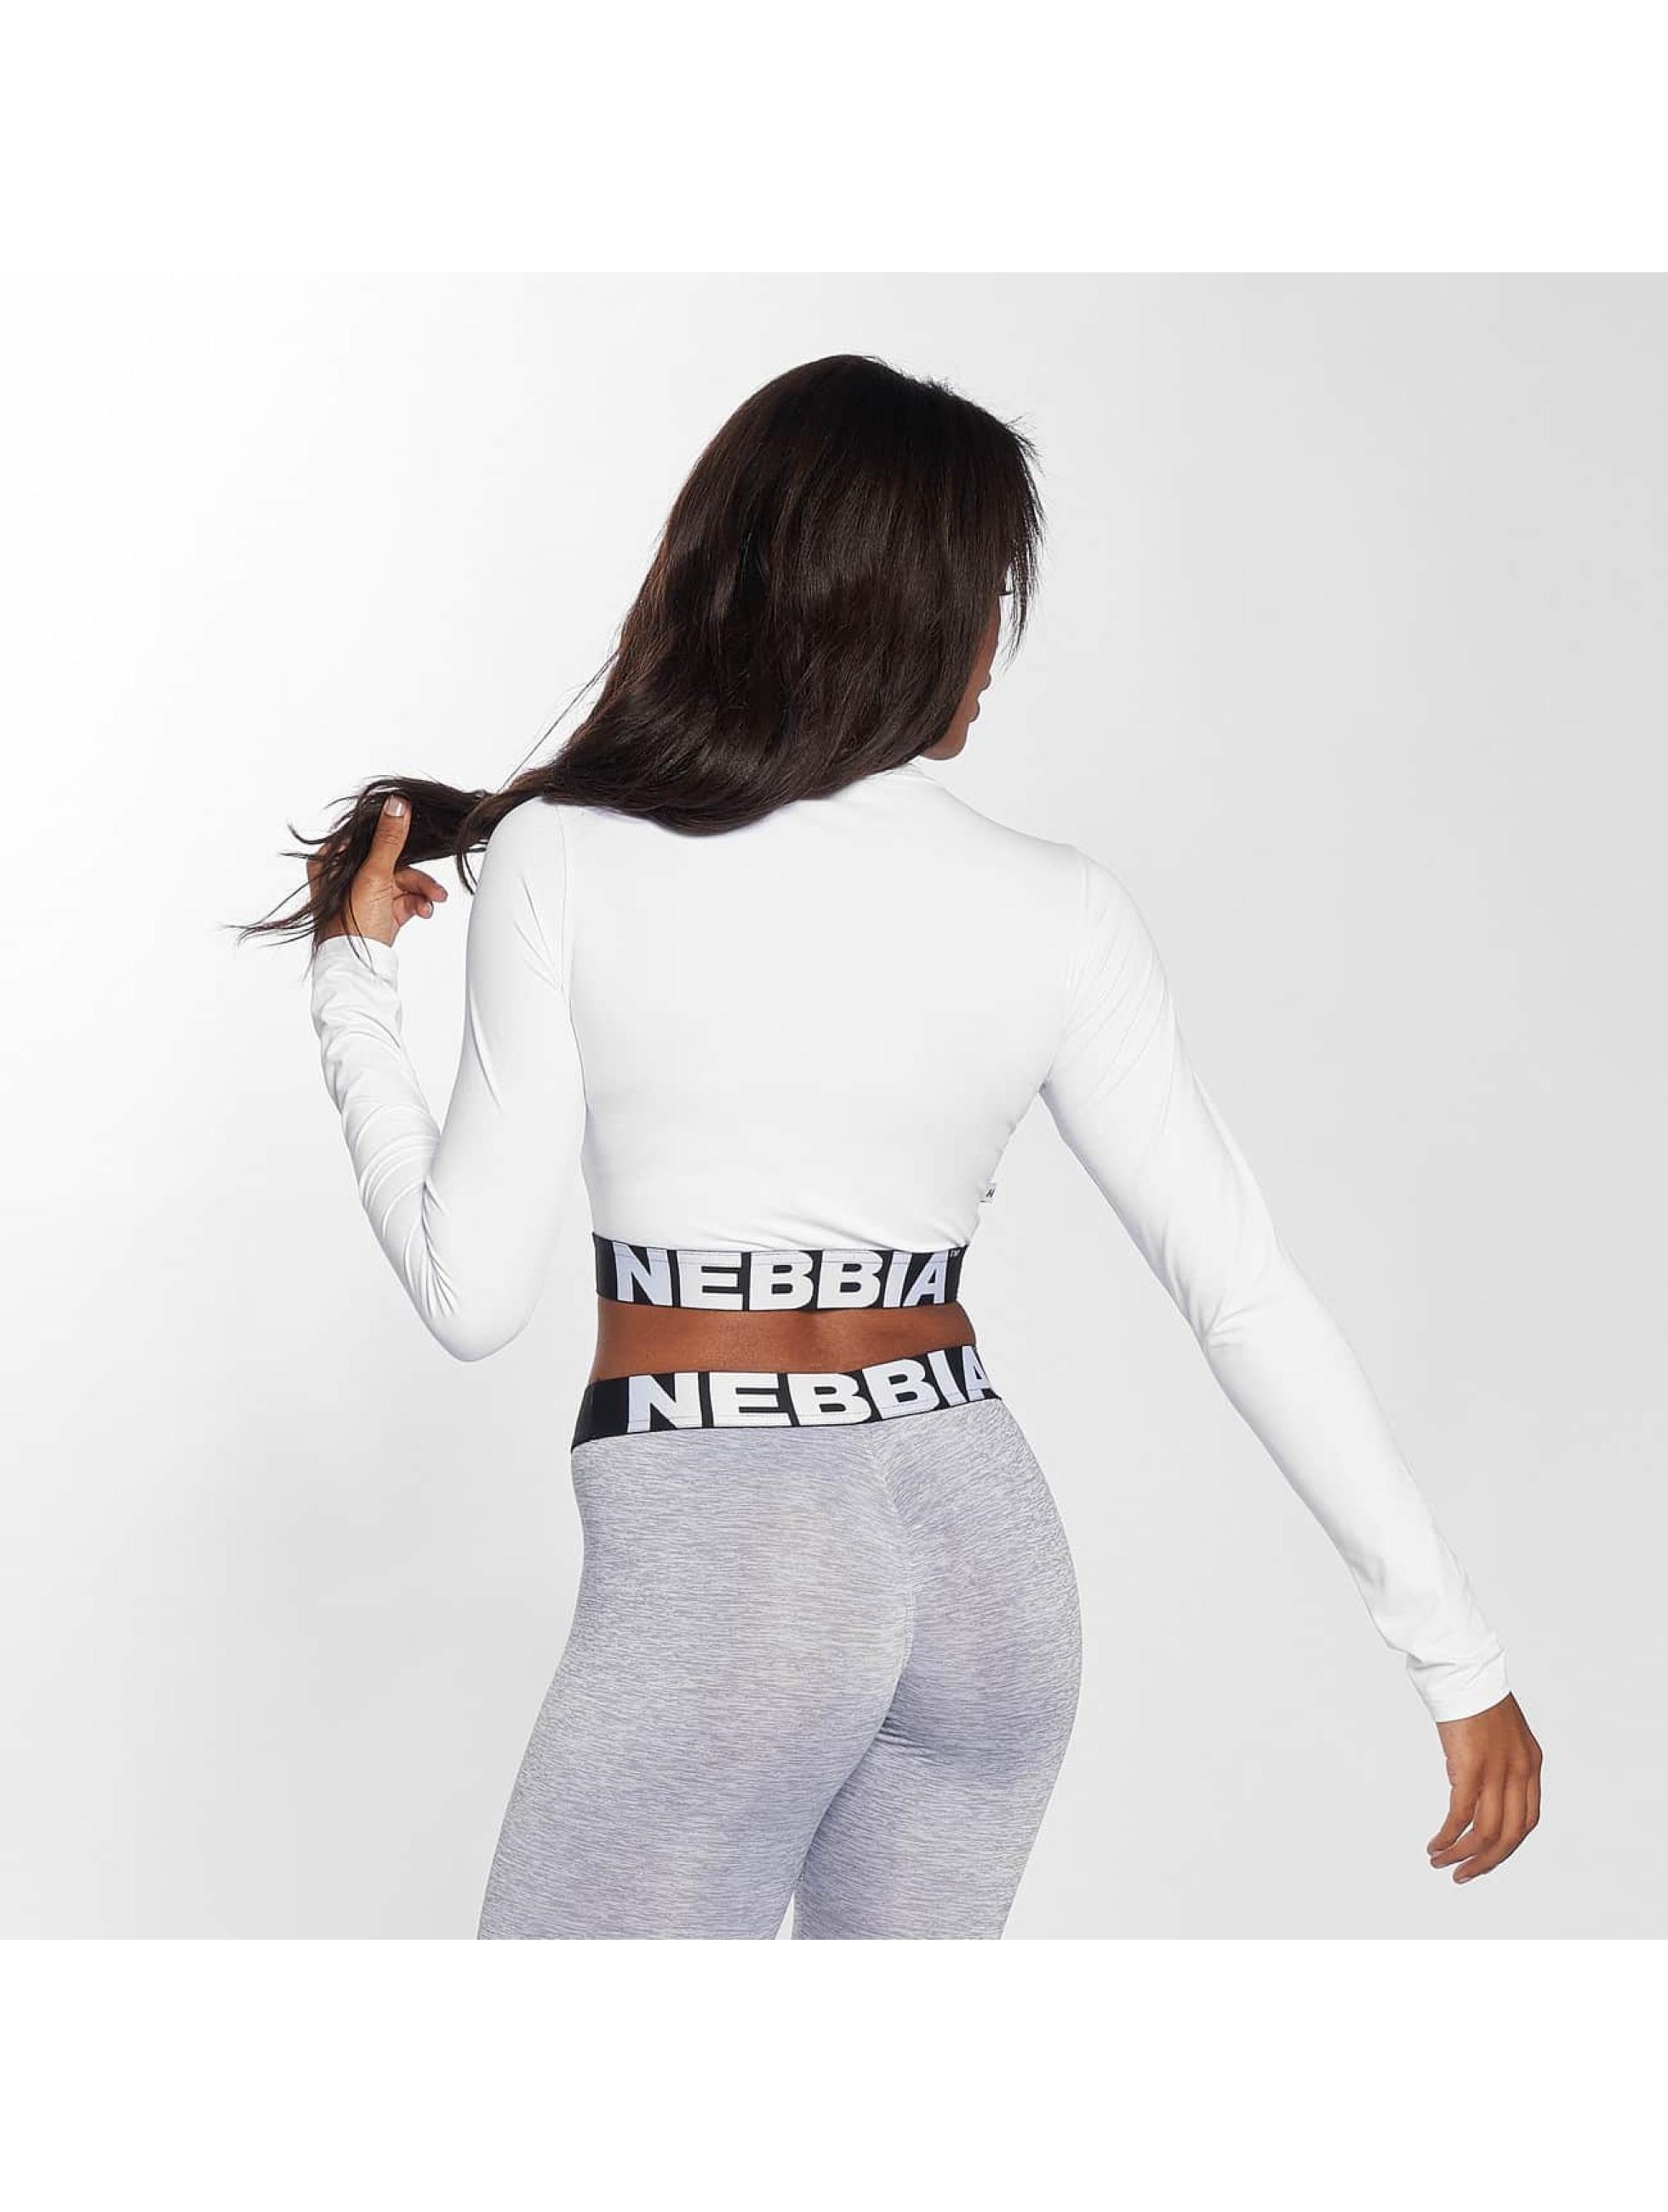 Nebbia Hihattomat paidat Crop valkoinen